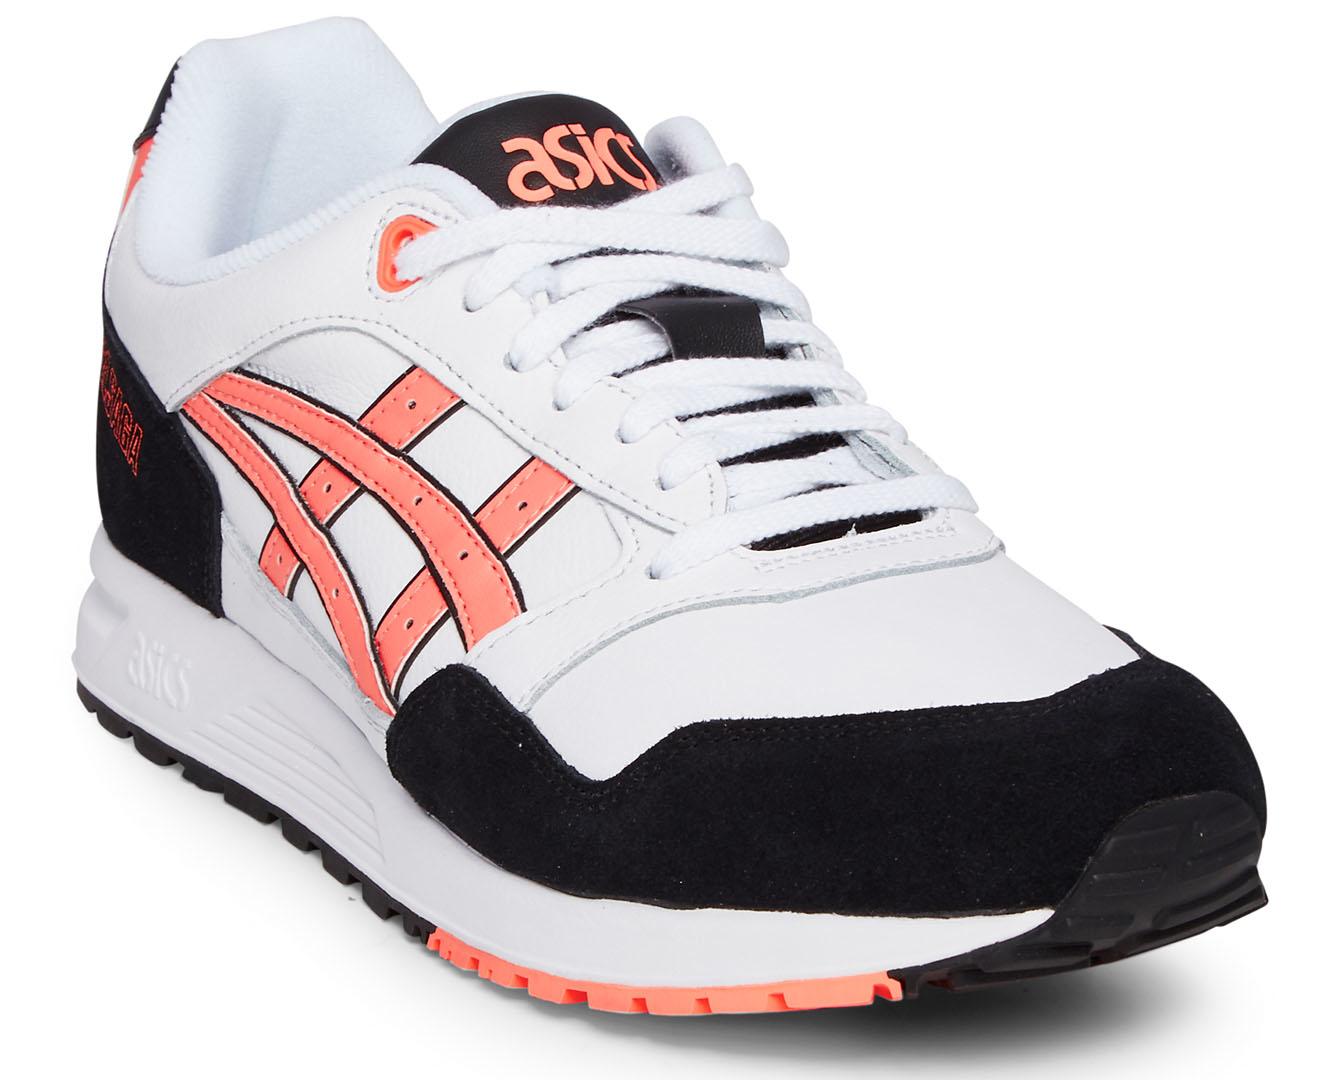 Men's Tiger Gel Shoe Whitesun Details Coral About Asics Saga lJTFKc13